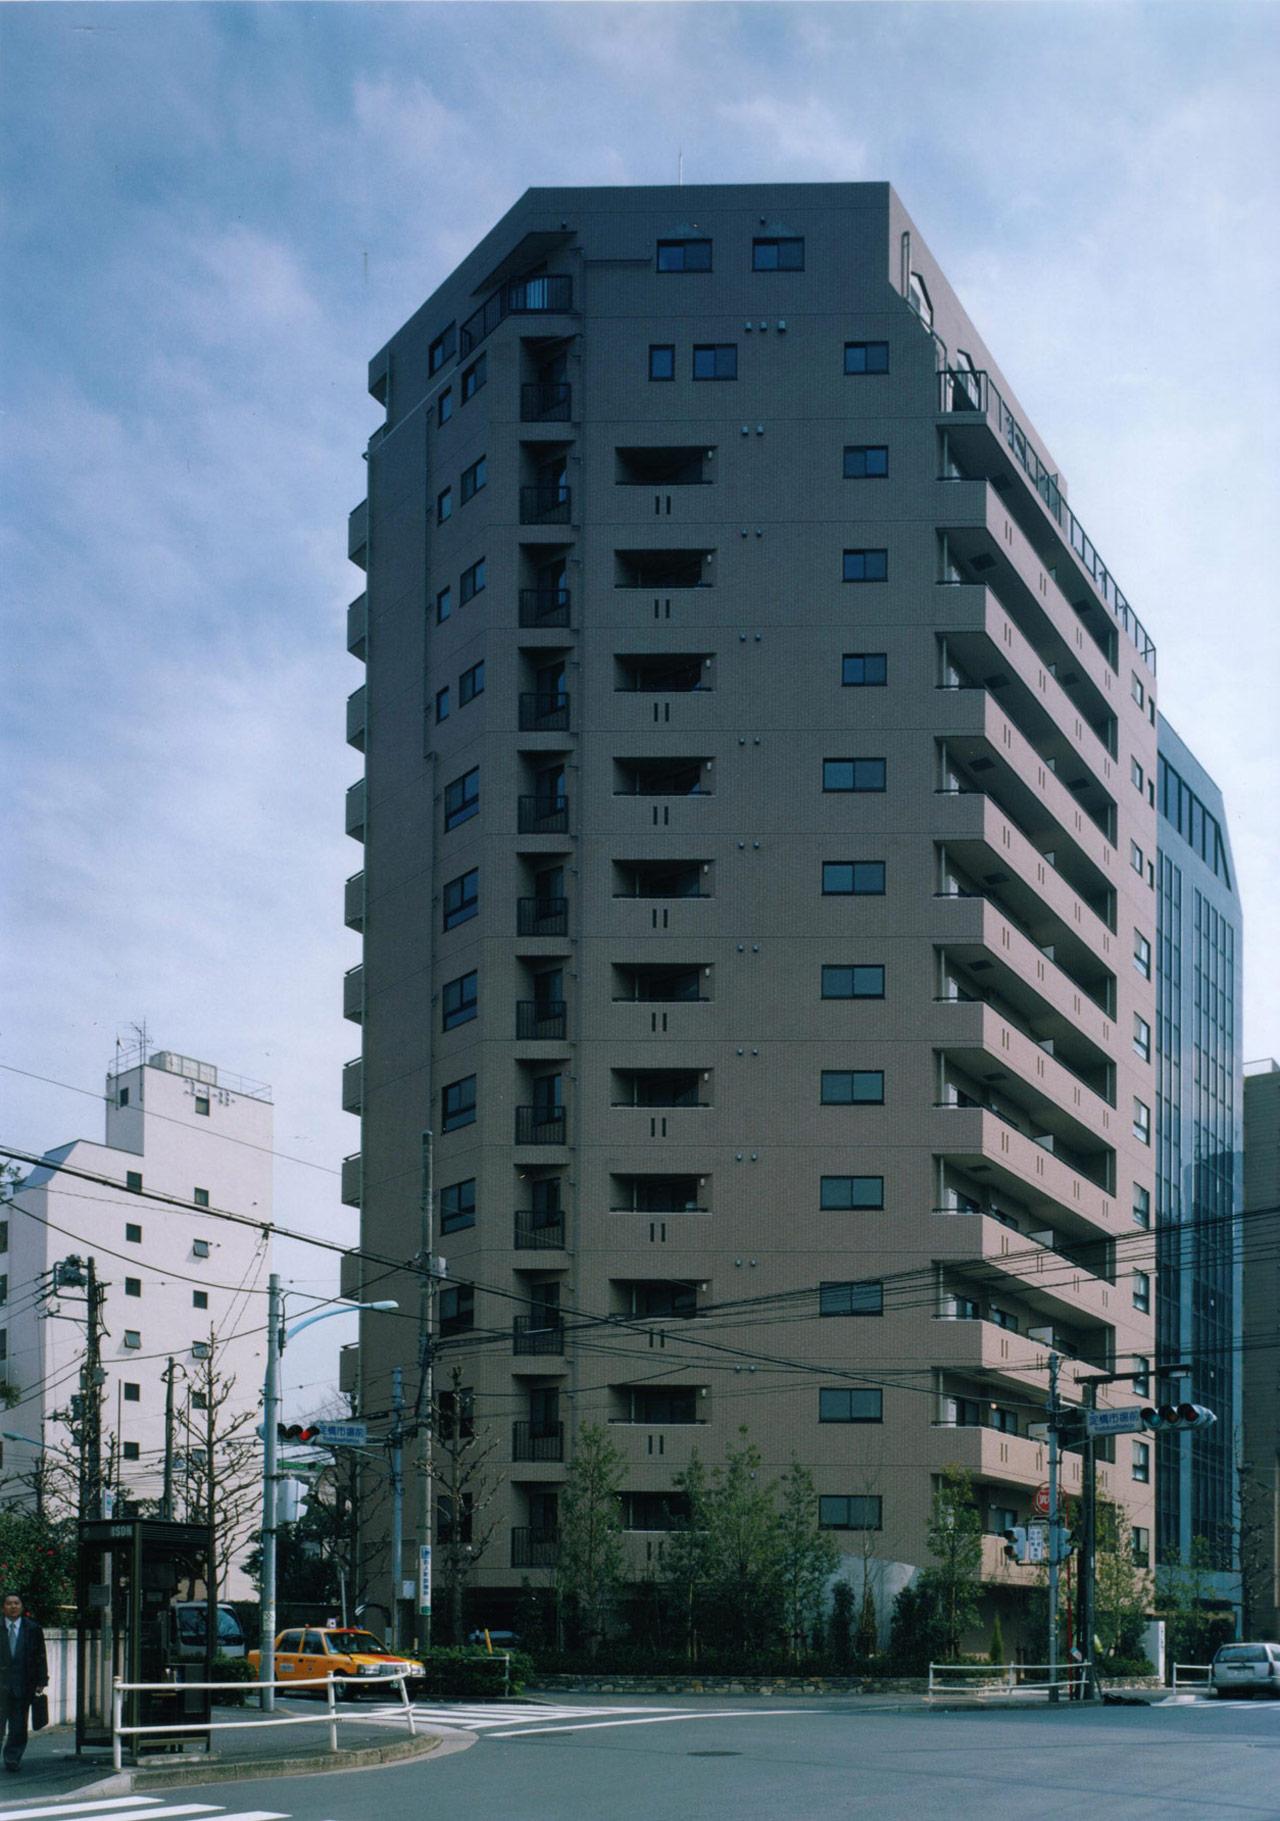 GREEN PARK 新宿の杜 | マンションギャラリー